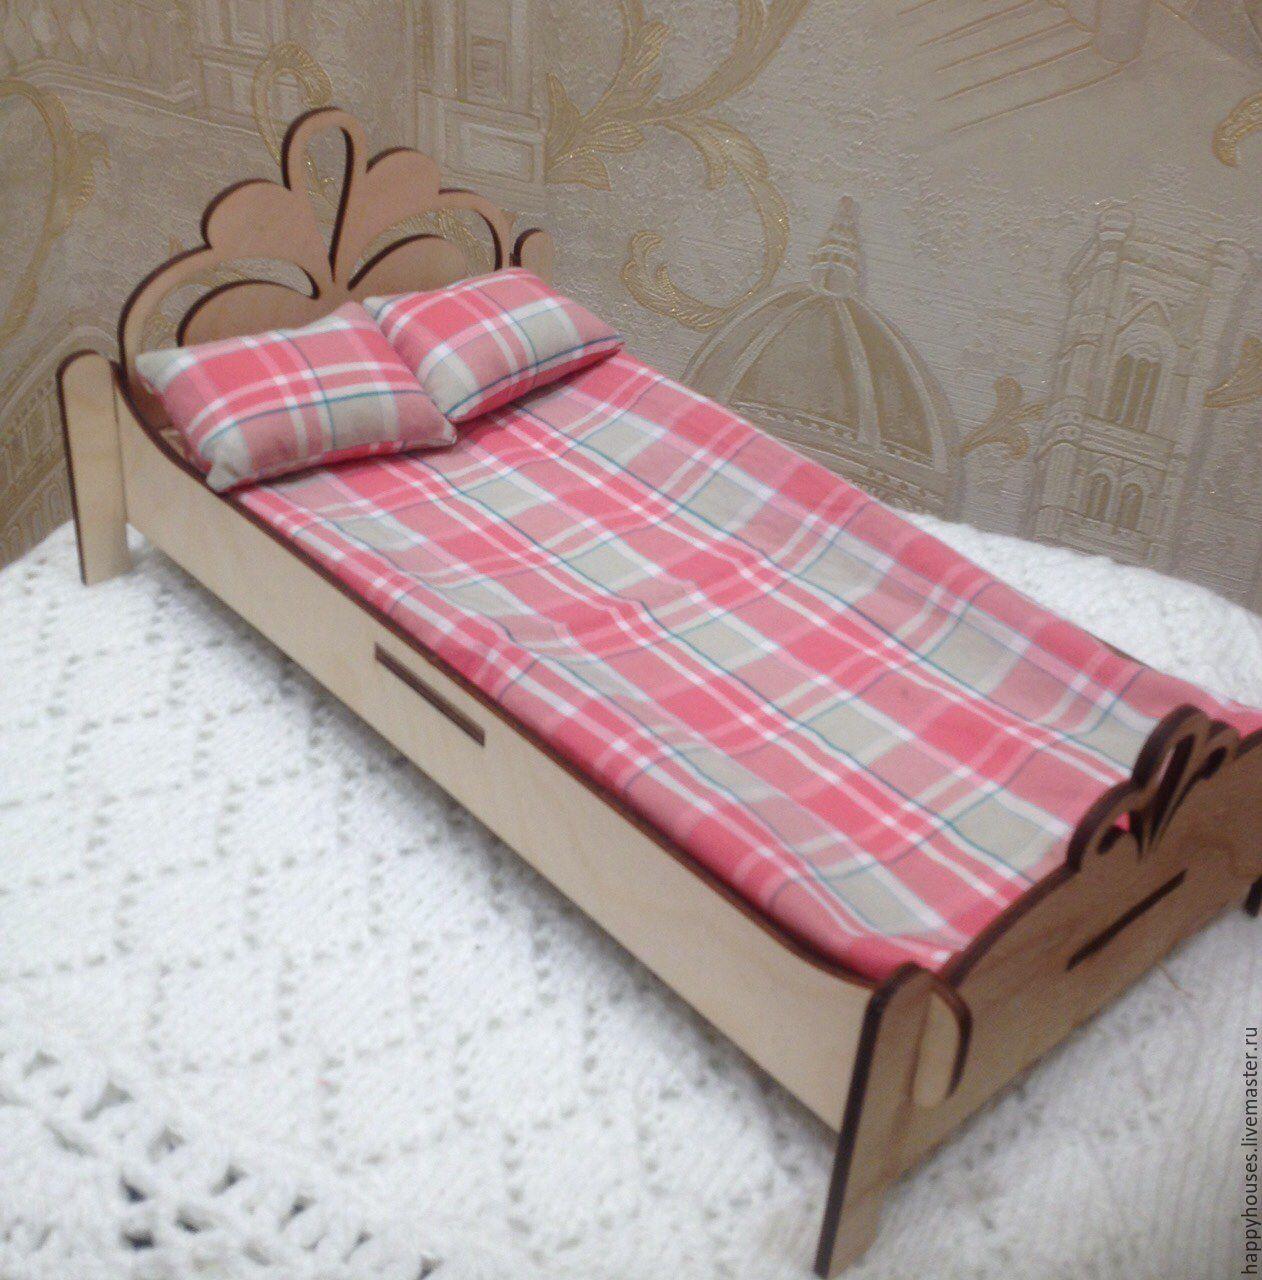 Кроватка для кукол из картонной коробки своими руками фото 694